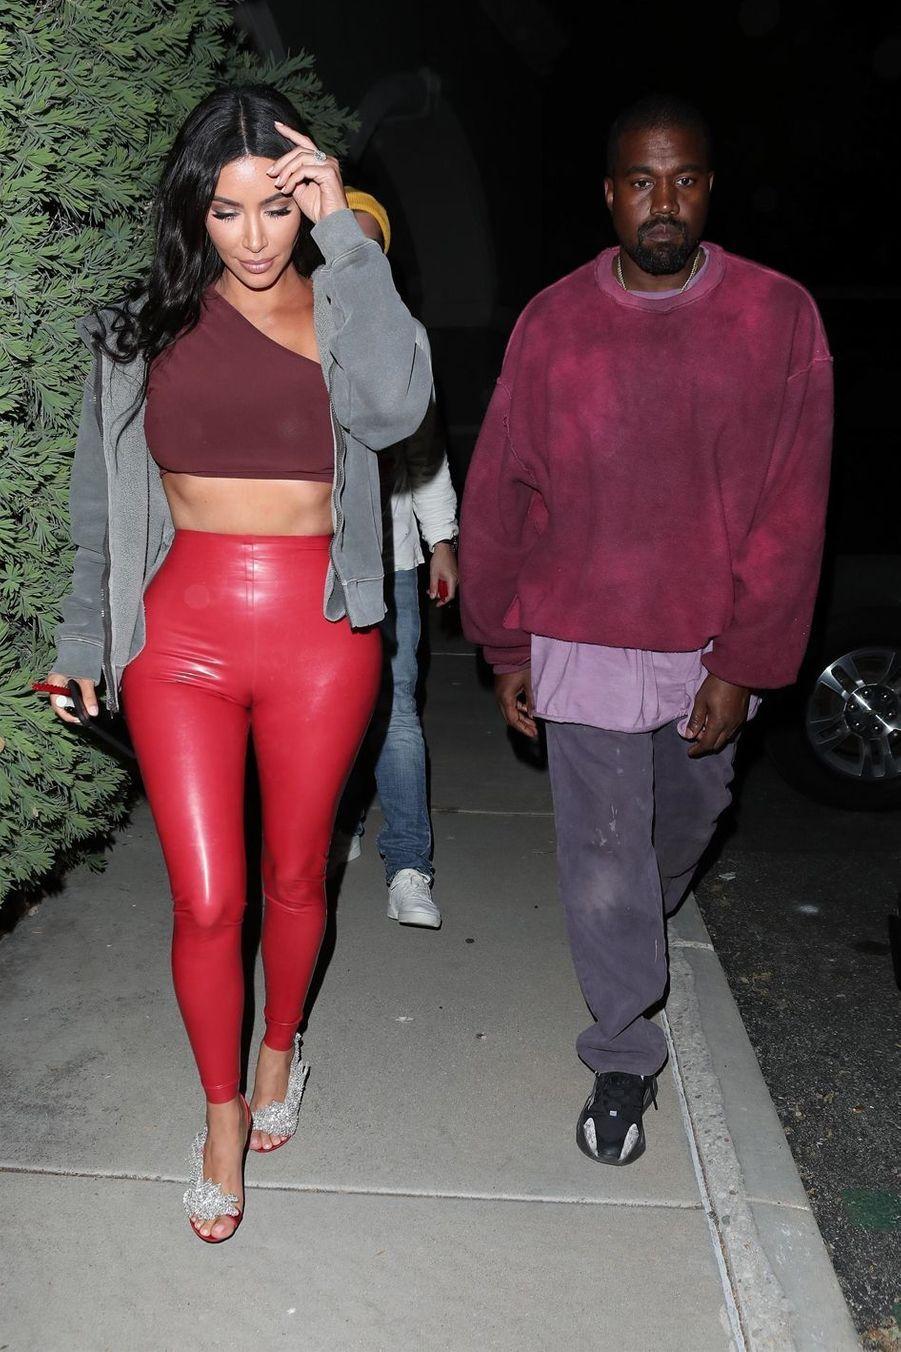 Kim Kardashian et Kanye West à la sortie d'un cinéma à Los Angeles le 25 avril 2019